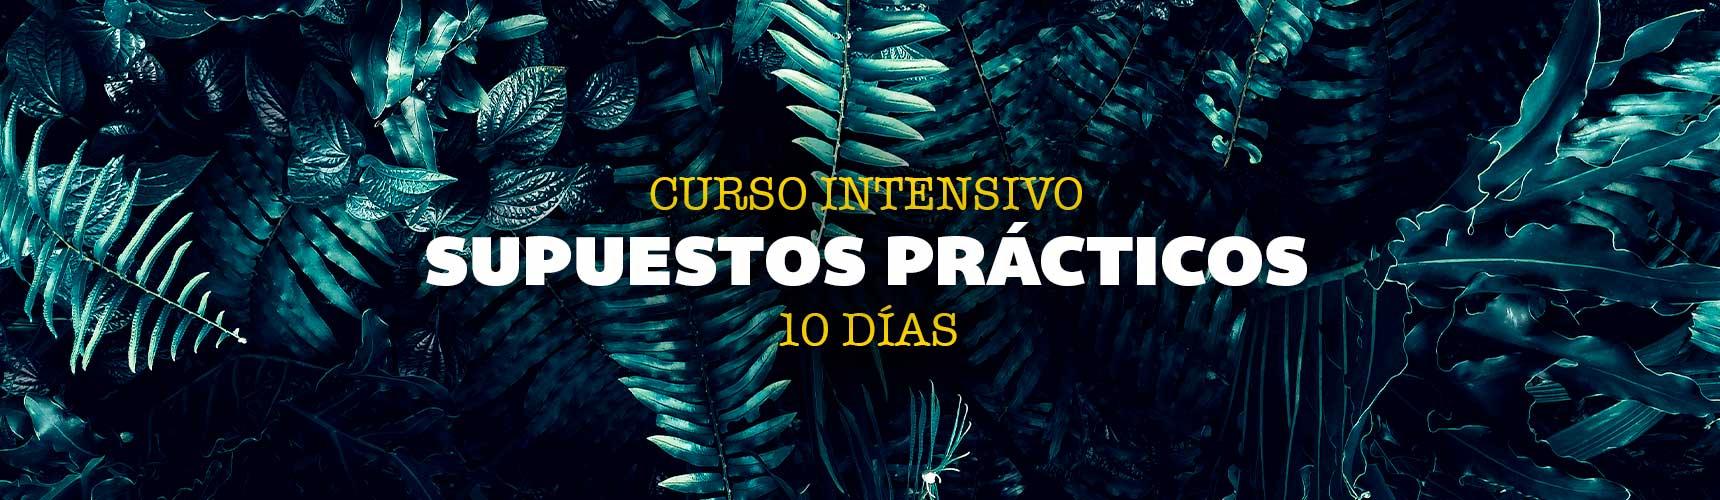 10dias_SUP_Pupitre_cursos_portada-web_nuevas-fotos_1720x910